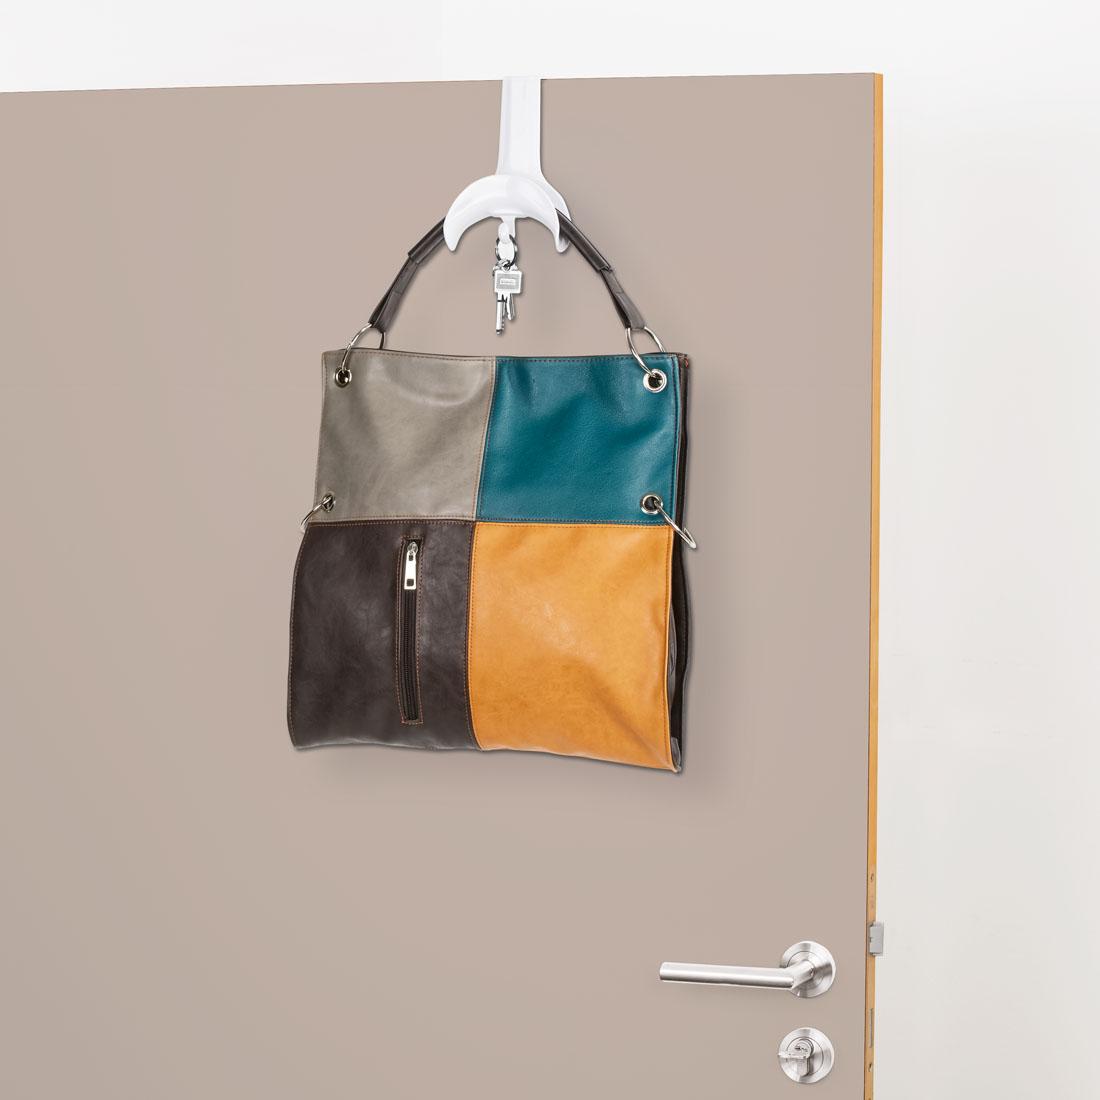 Держатели для сумок, 2 шт. [07867],